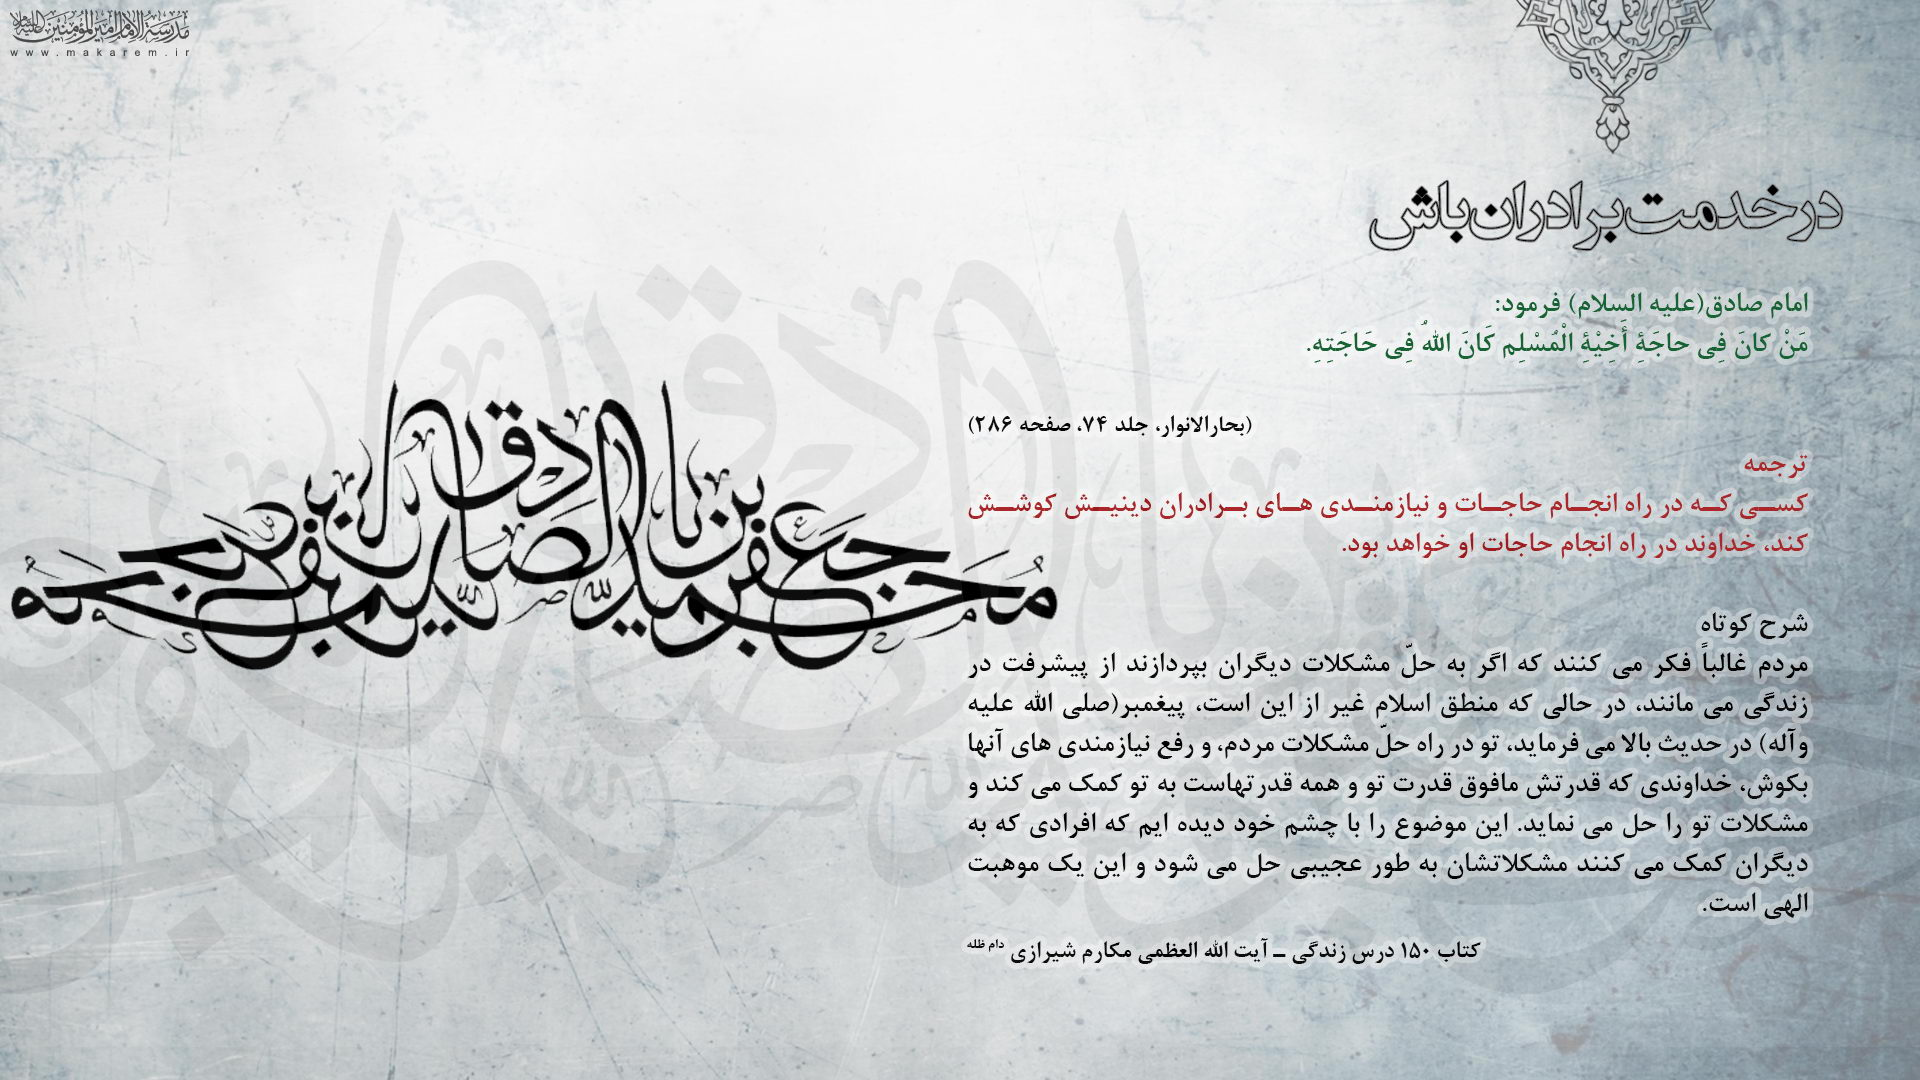 در خدمت برادران باش-مدرسه الامام امیر المومنین (ع)